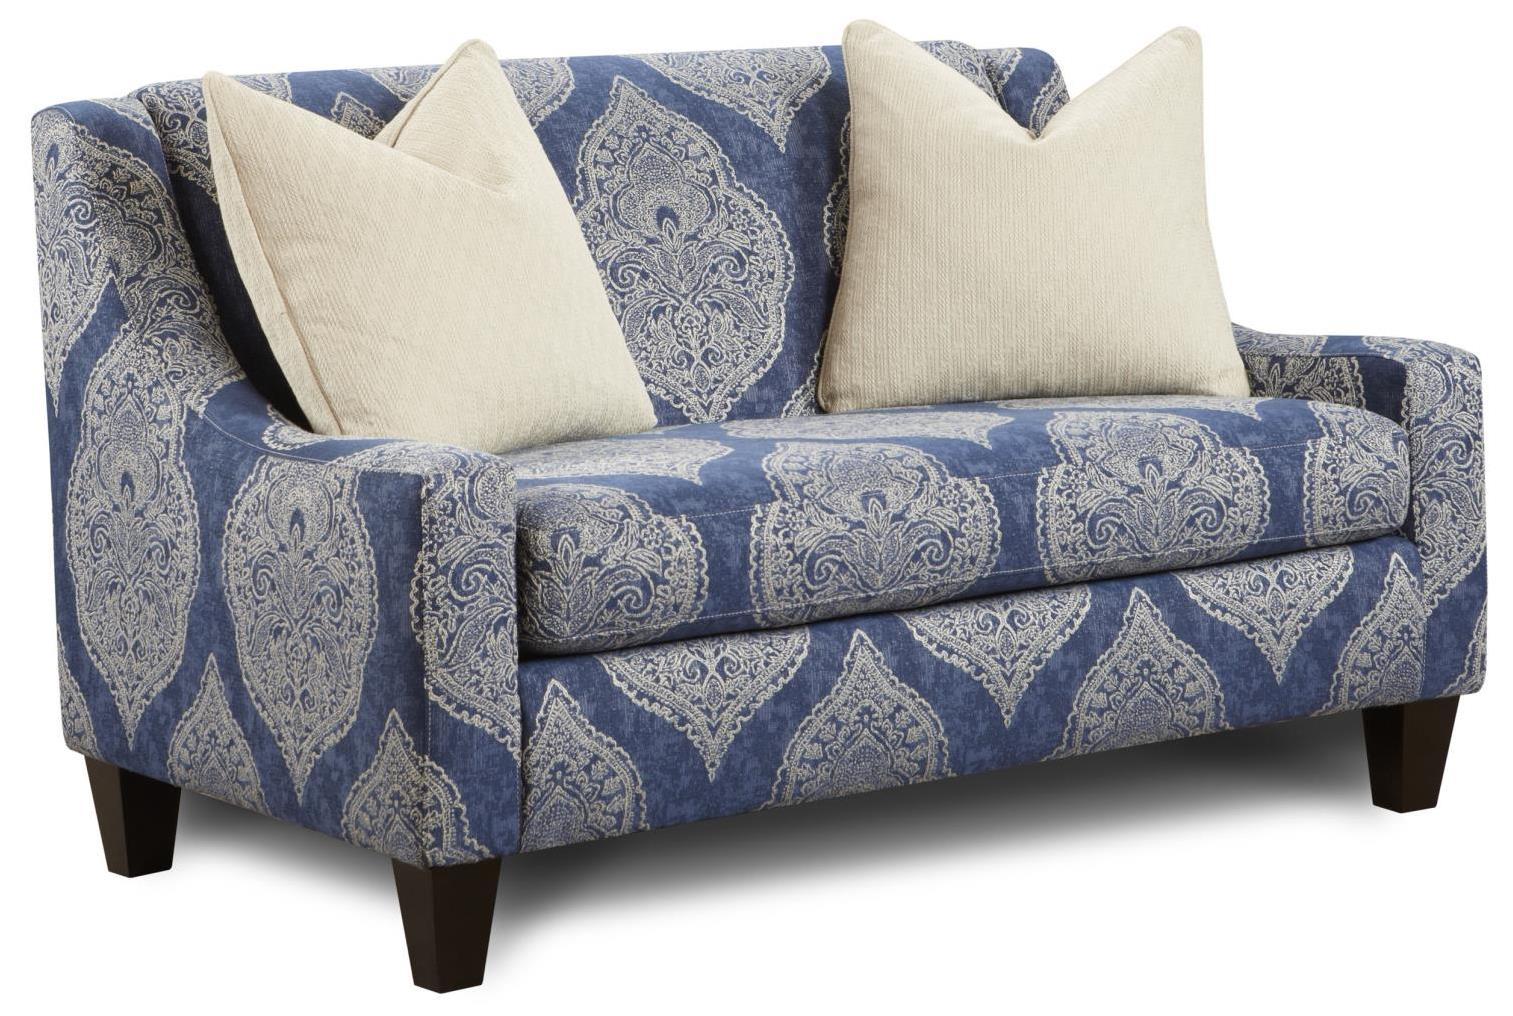 Fusion Furniture 550 Settee - Item Number: 550Burgess Brigadier